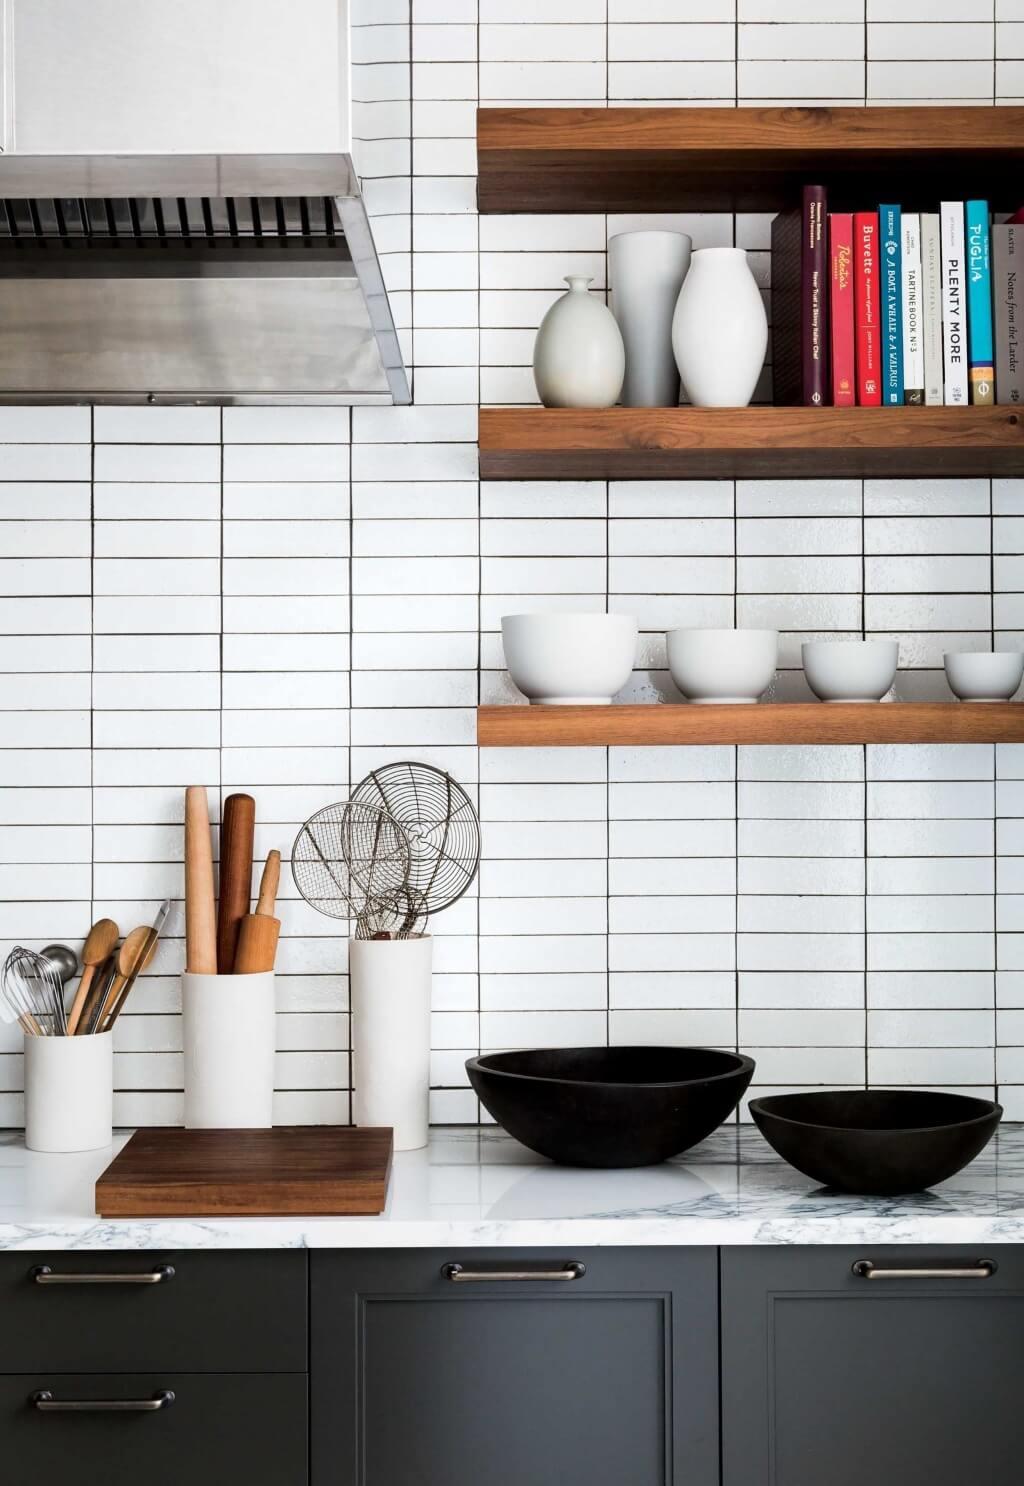 Komplett köksredskapshållare